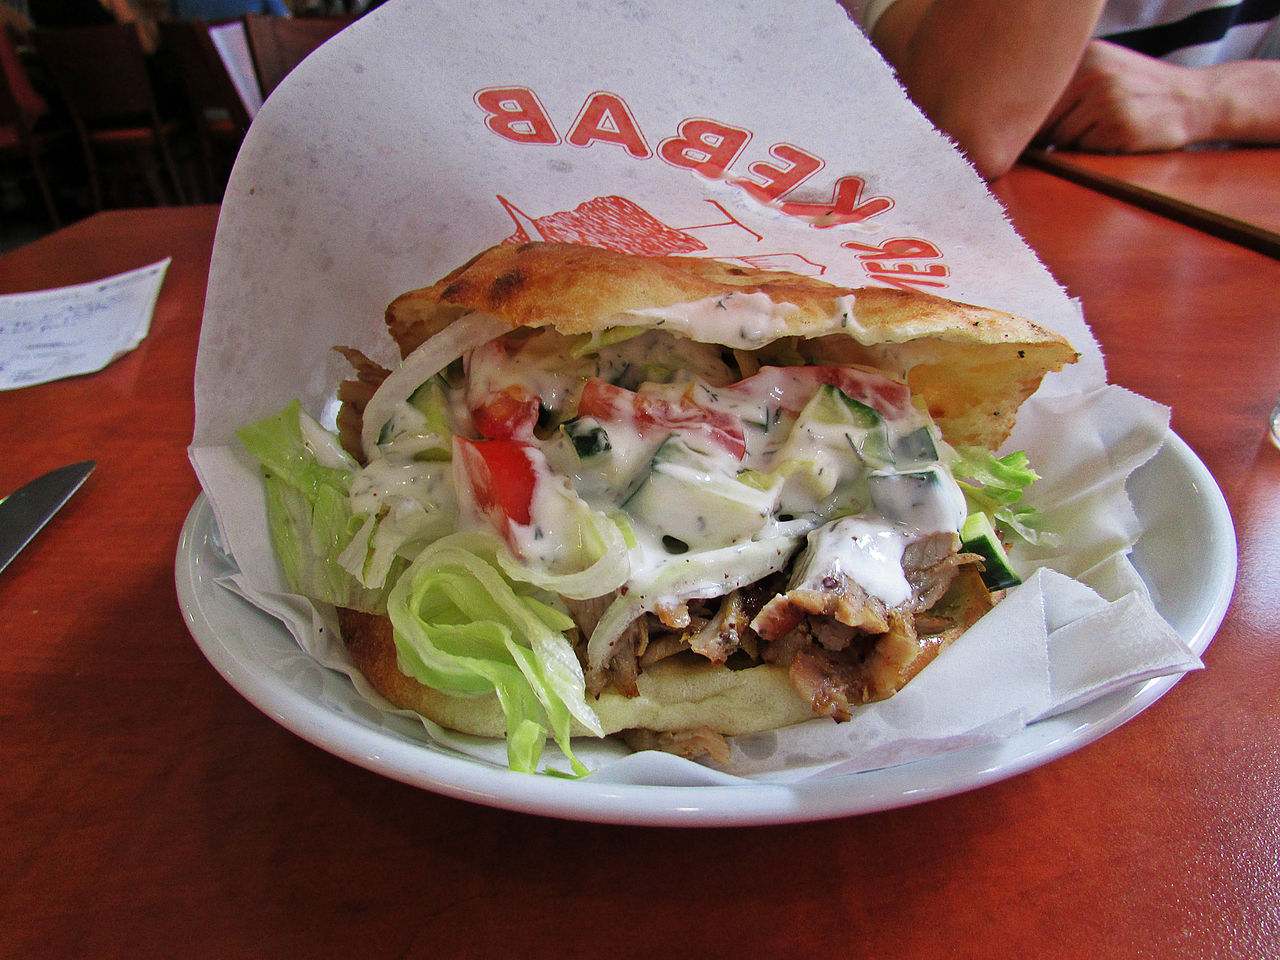 Idag är det internationella kebabdagen